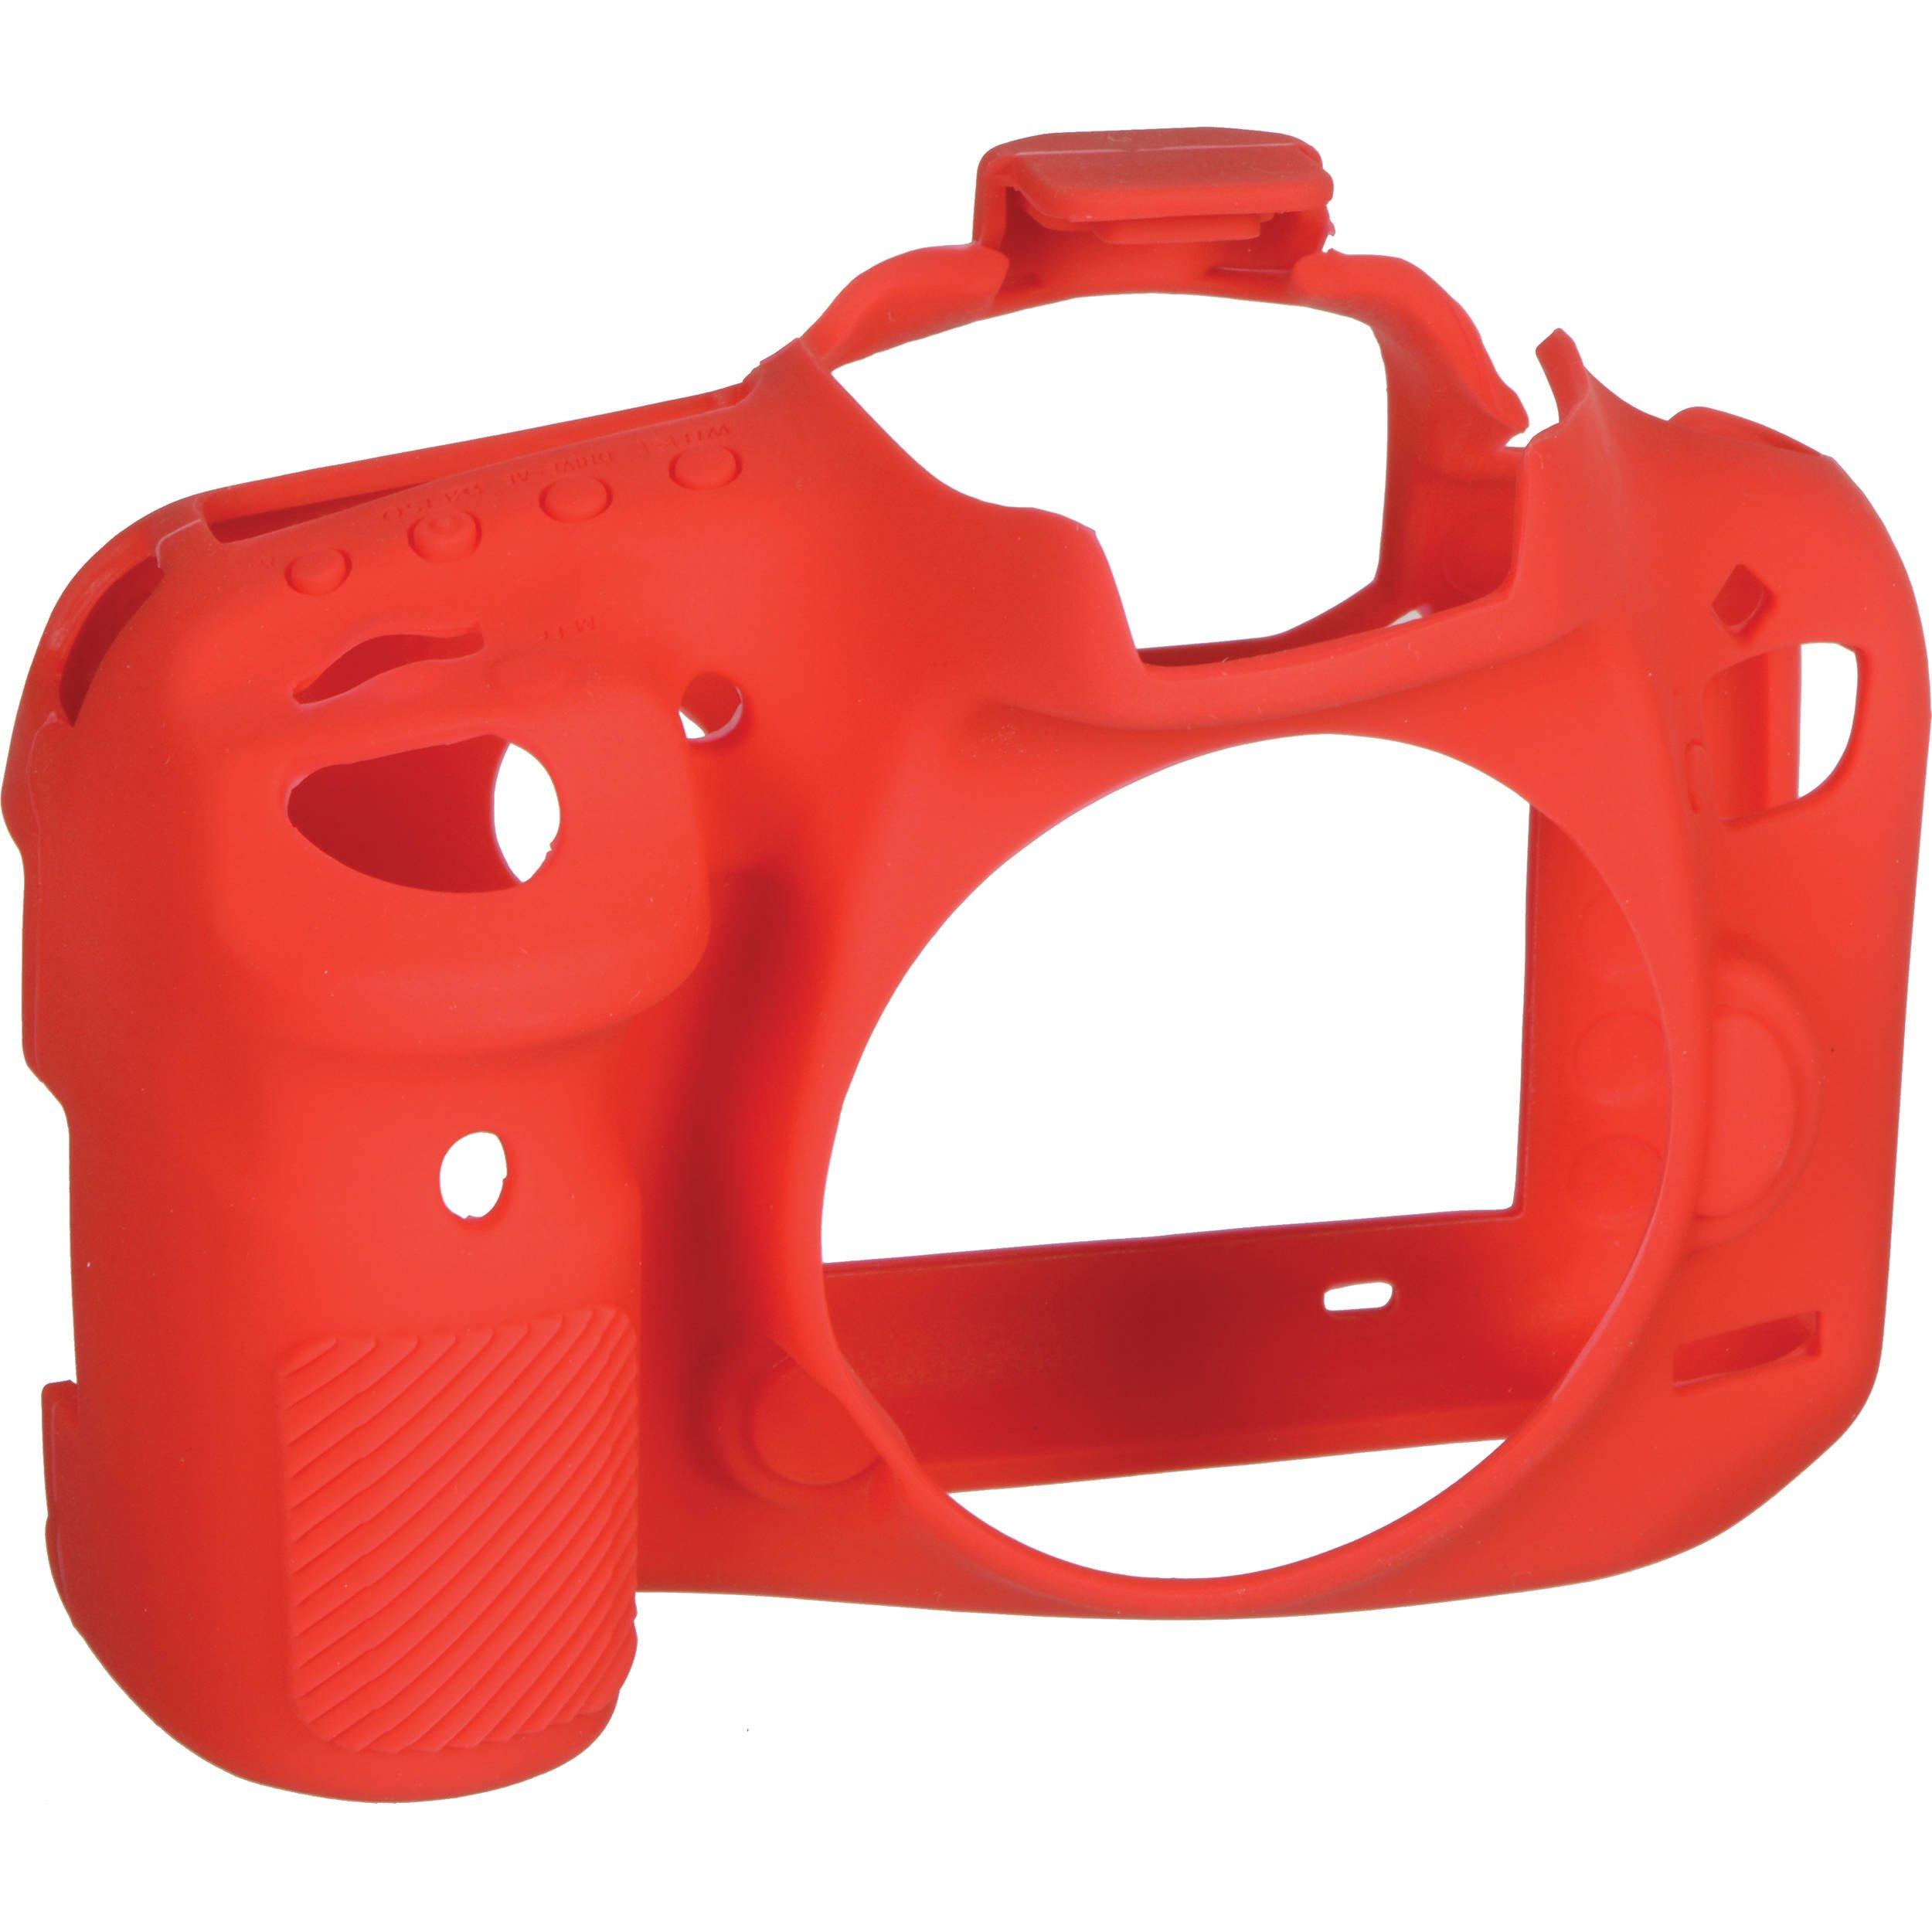 EASYCOVER silikonové pouzdro pro Canon EOS 7D Mark II červené